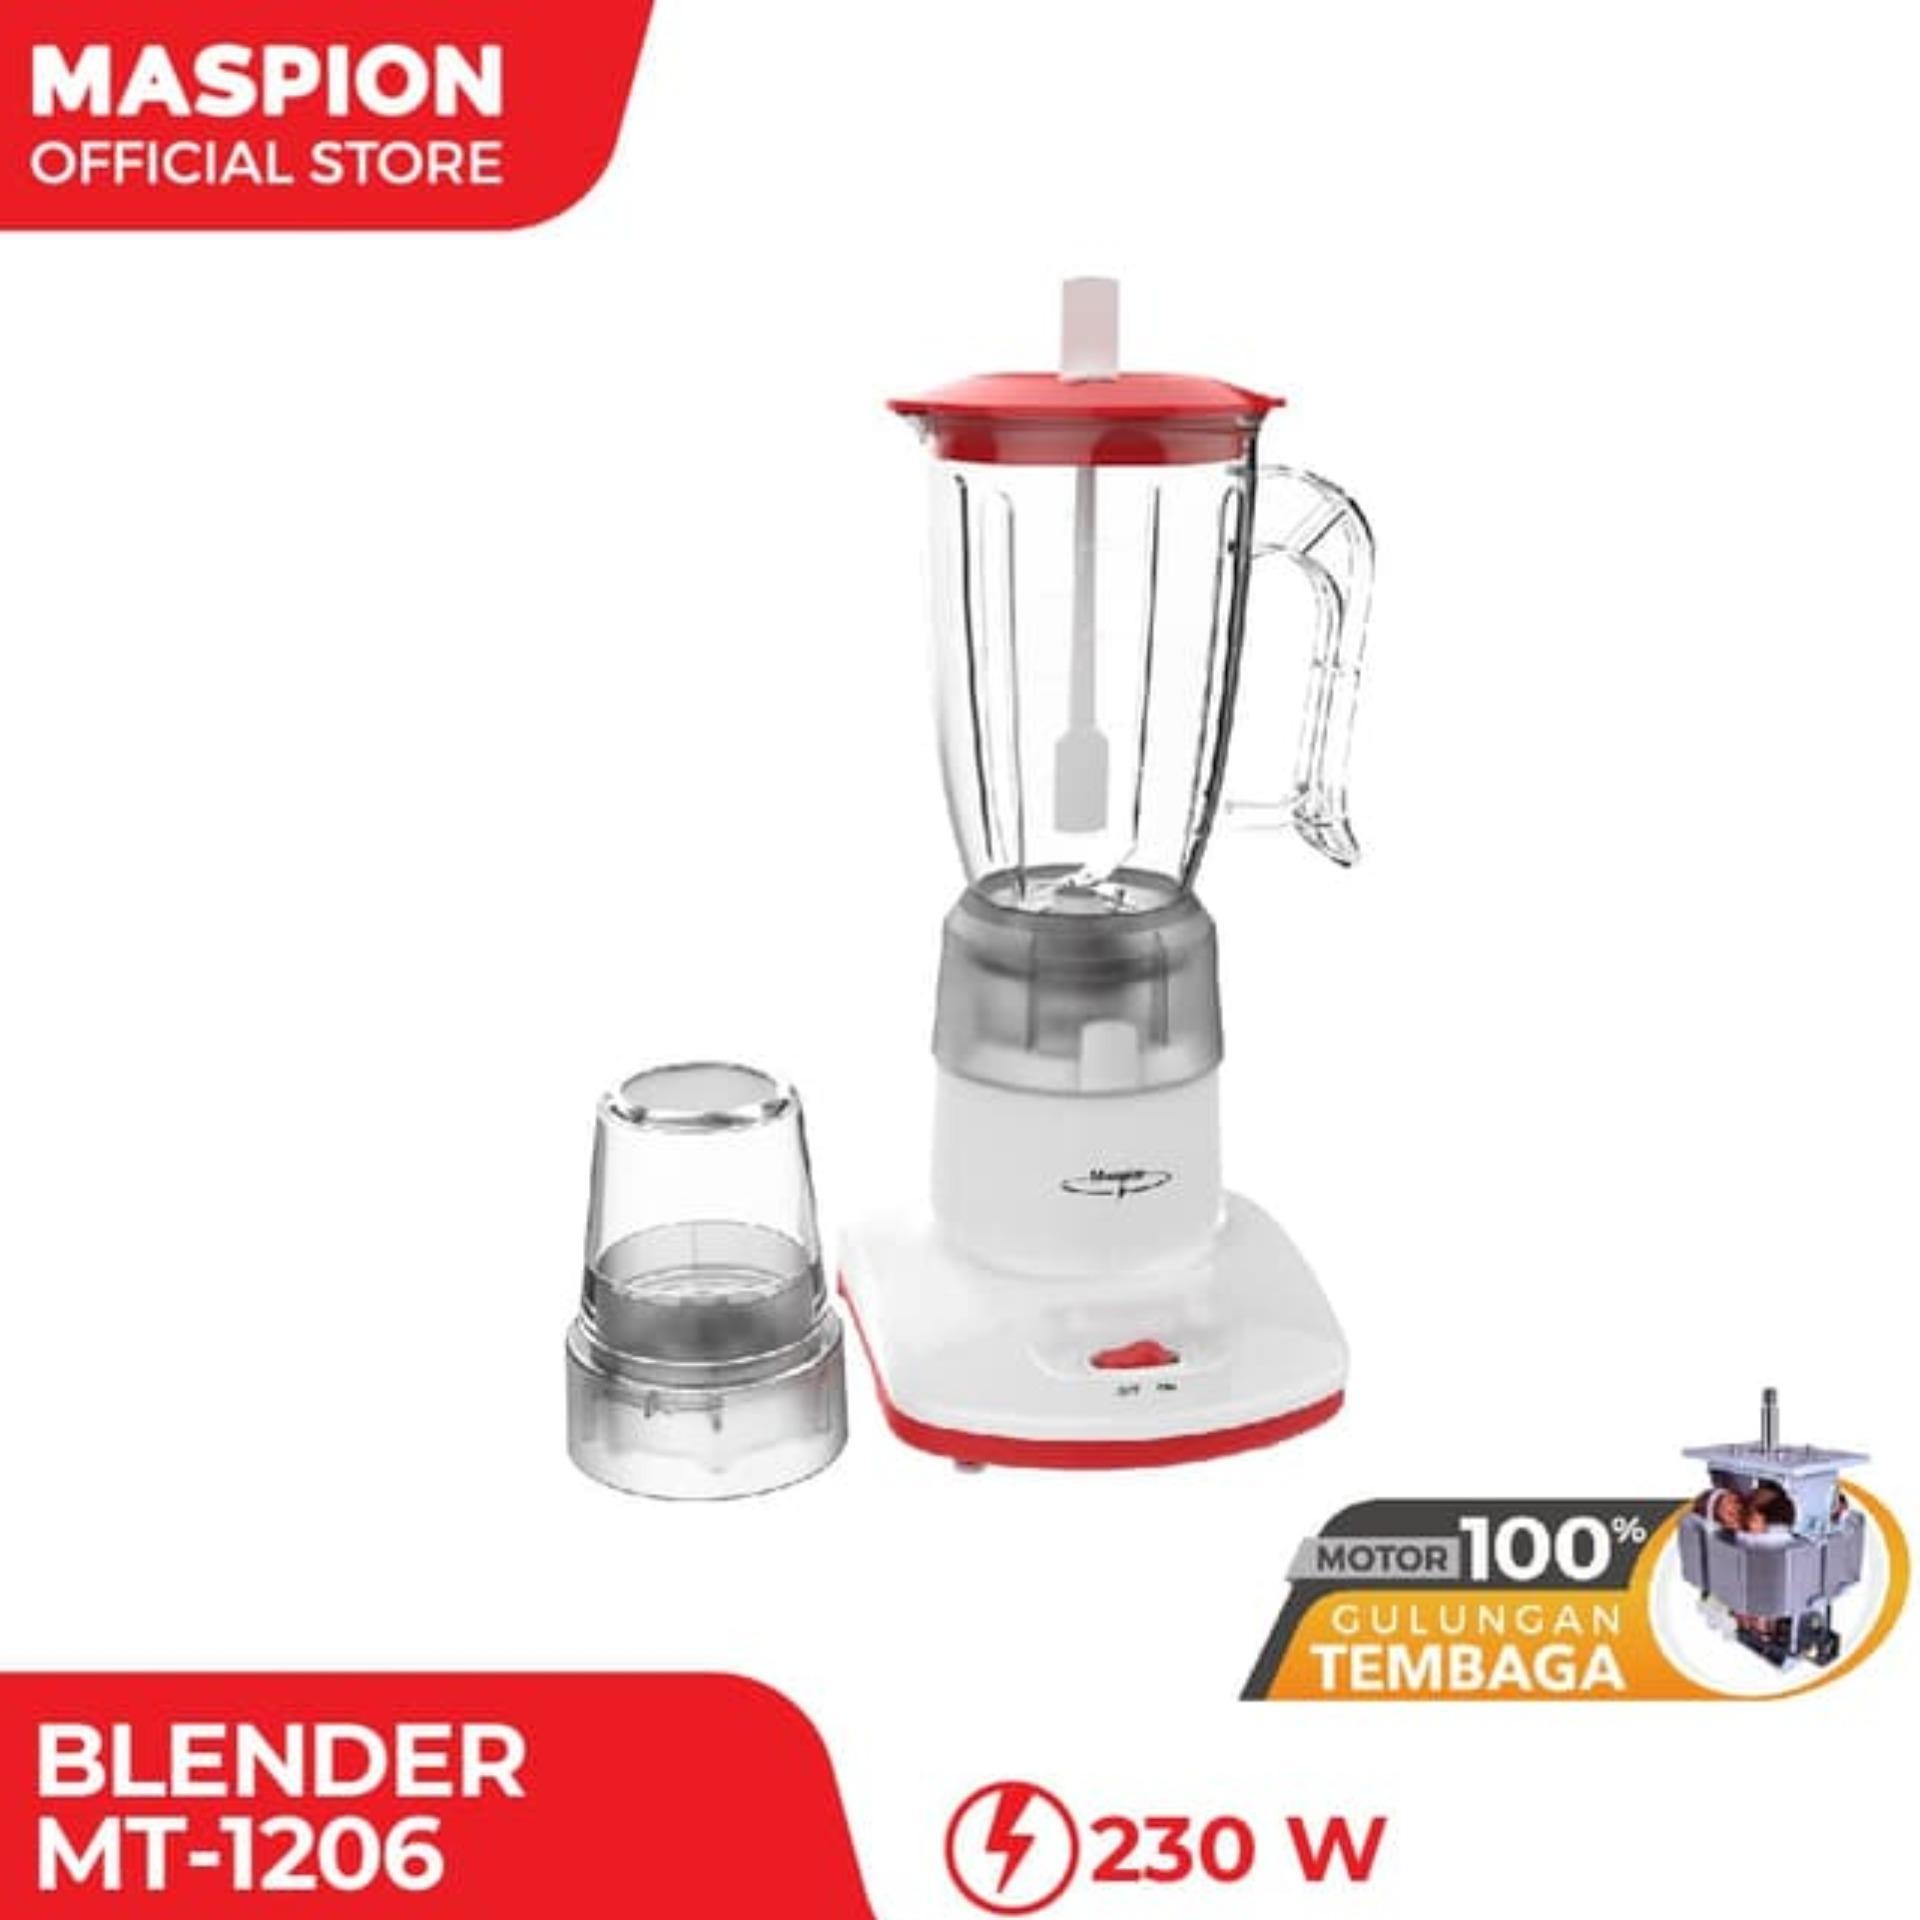 Maspion Blender Plastik 2 in 1 - MT1206 - GRATIS ONGKIR Jabodetabek